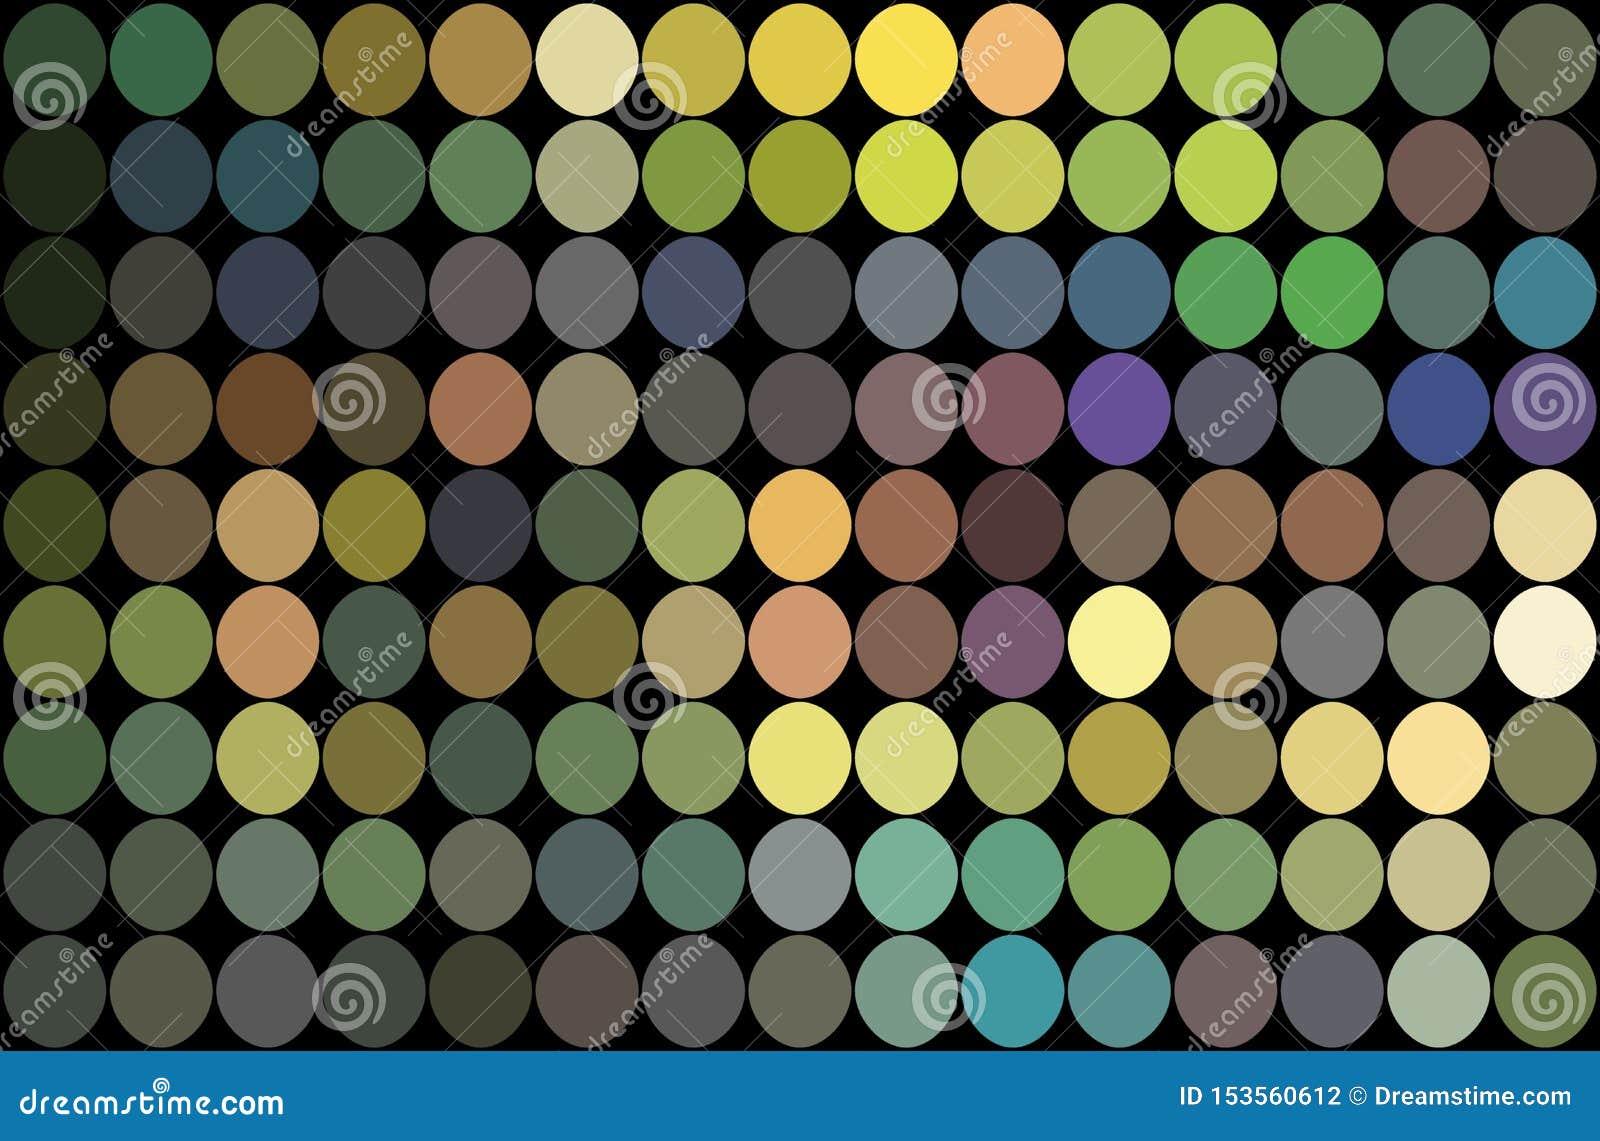 Πράσινο κίτρινο ιώδες μπλε υπόβαθρο σημείων μωσαϊκών Shimmer ολογραφική απεικόνιση